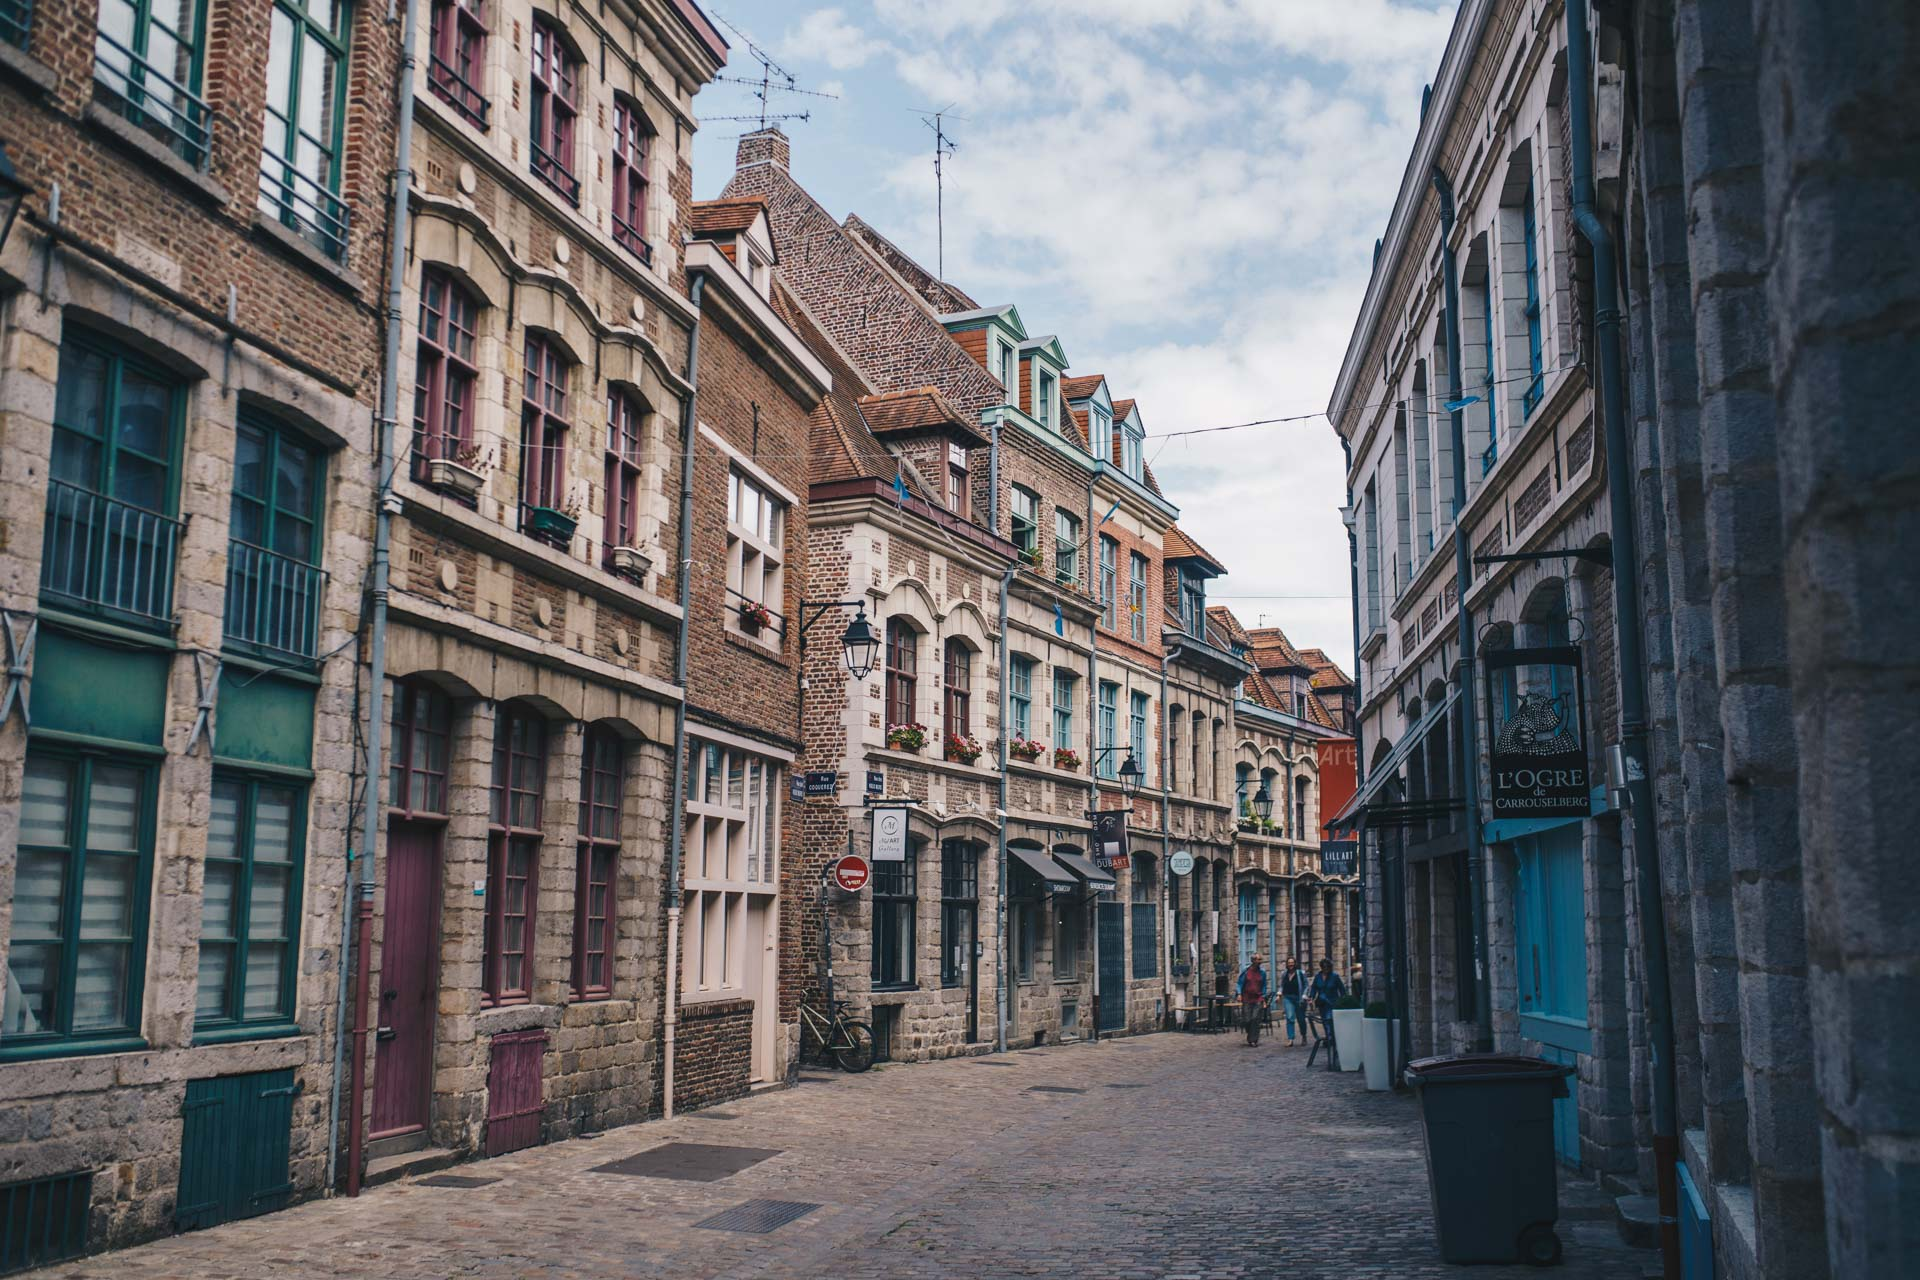 bellerose-lille-city-guide-29.jpg